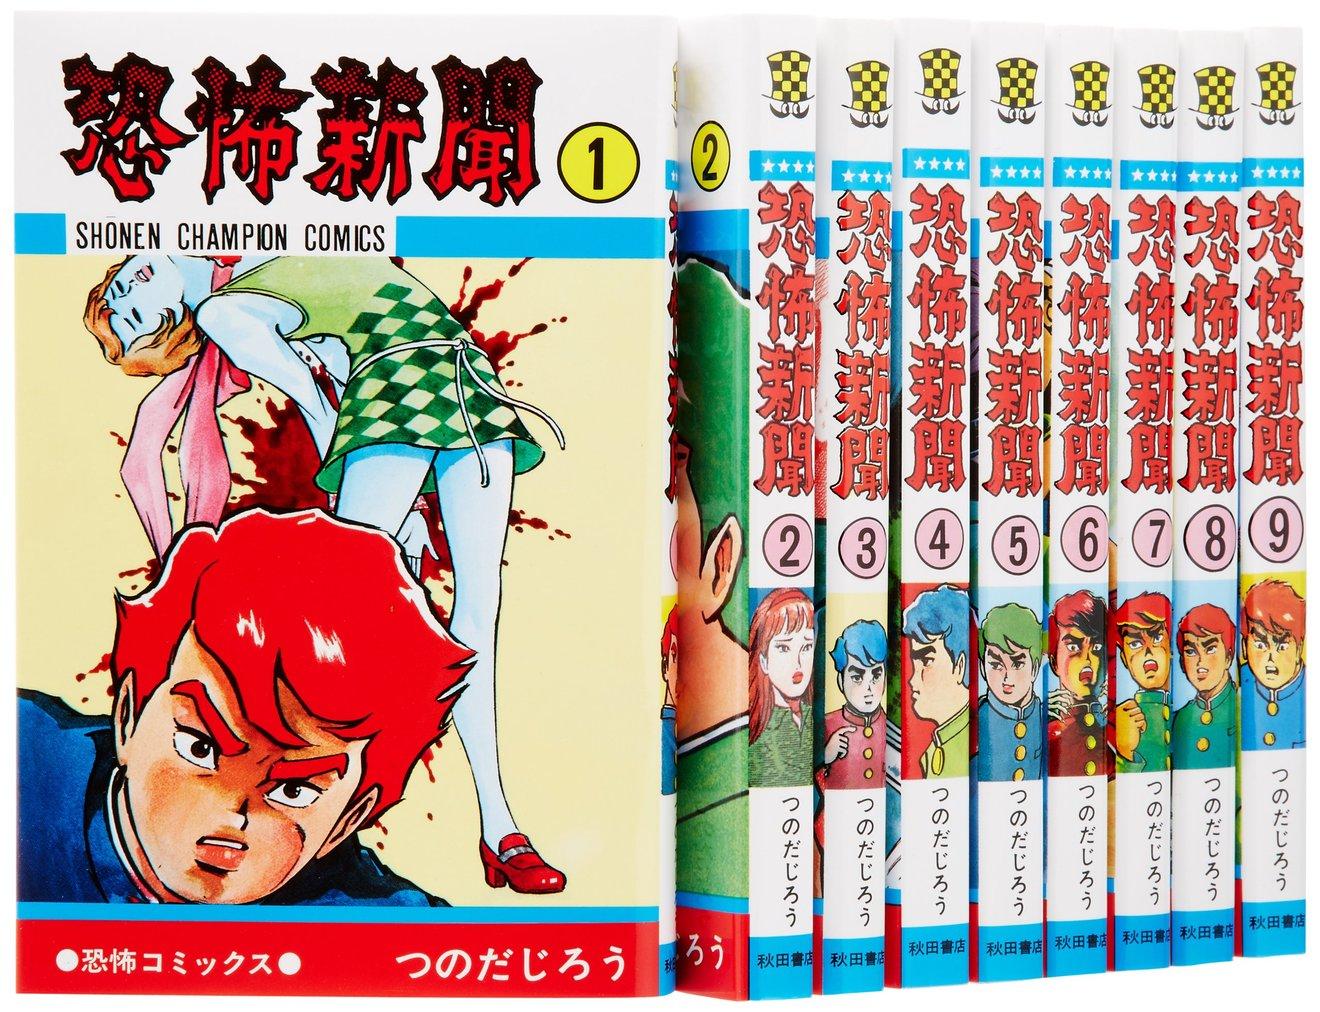 つのだじろう作『恐怖新聞』が無料!名作ホラー漫画の魅力をナナメから読む!